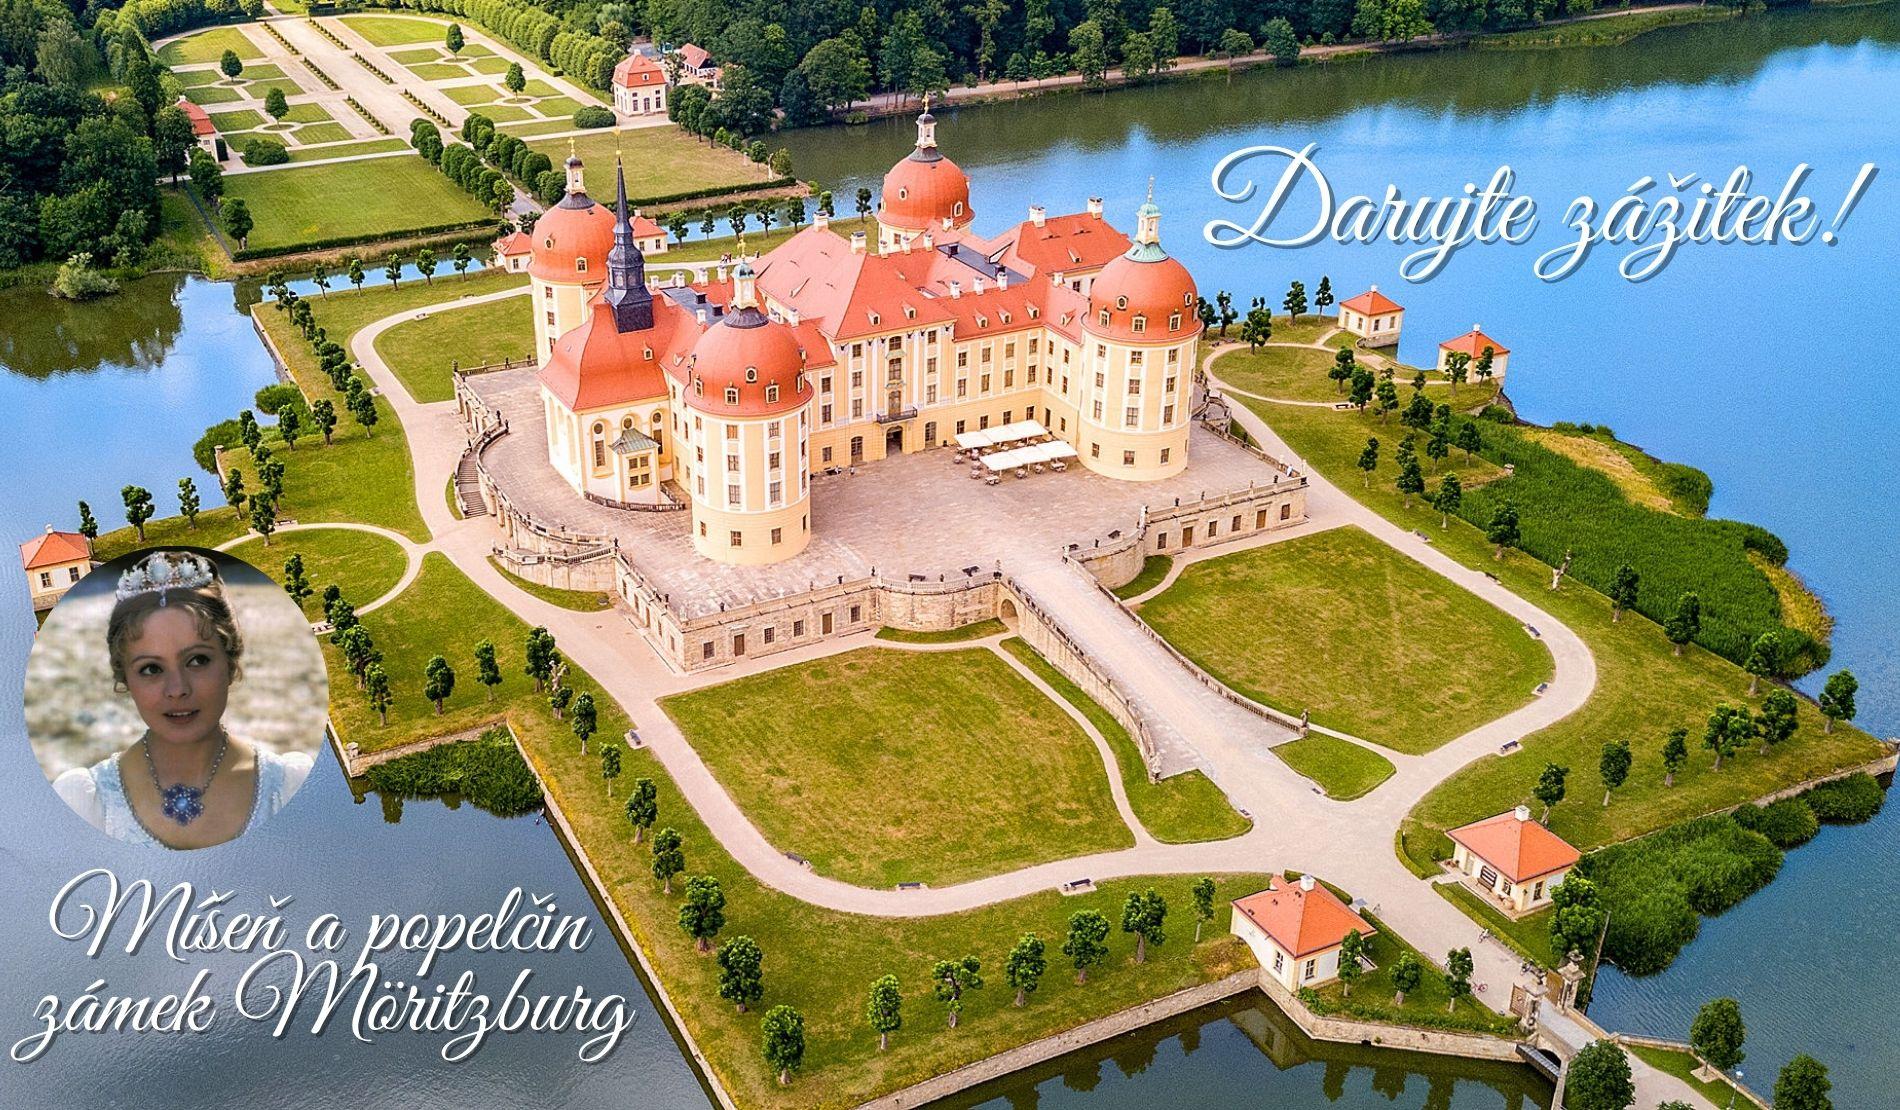 Plavba do Míšně a na popelčin zámek Moritzburg